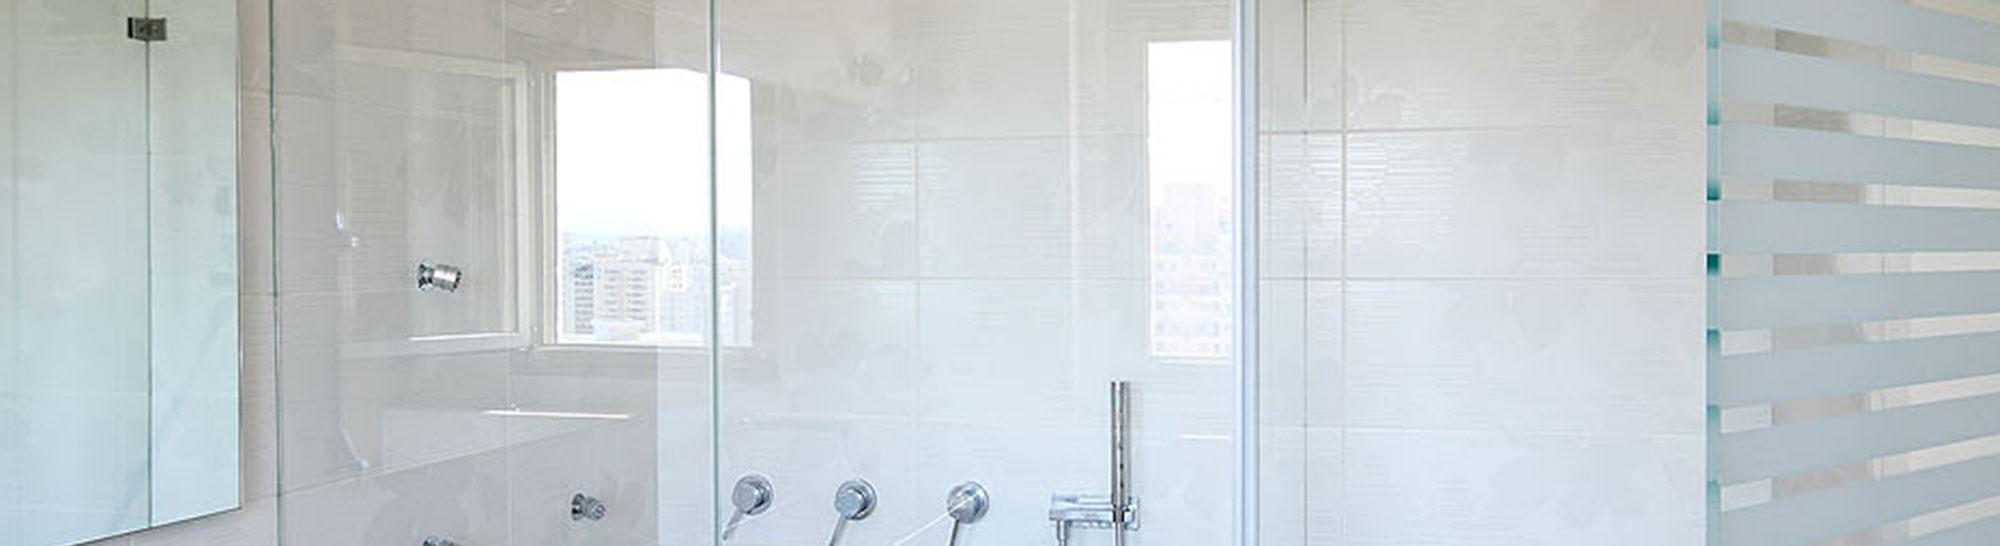 ראשי-מקלחון פינתי זול